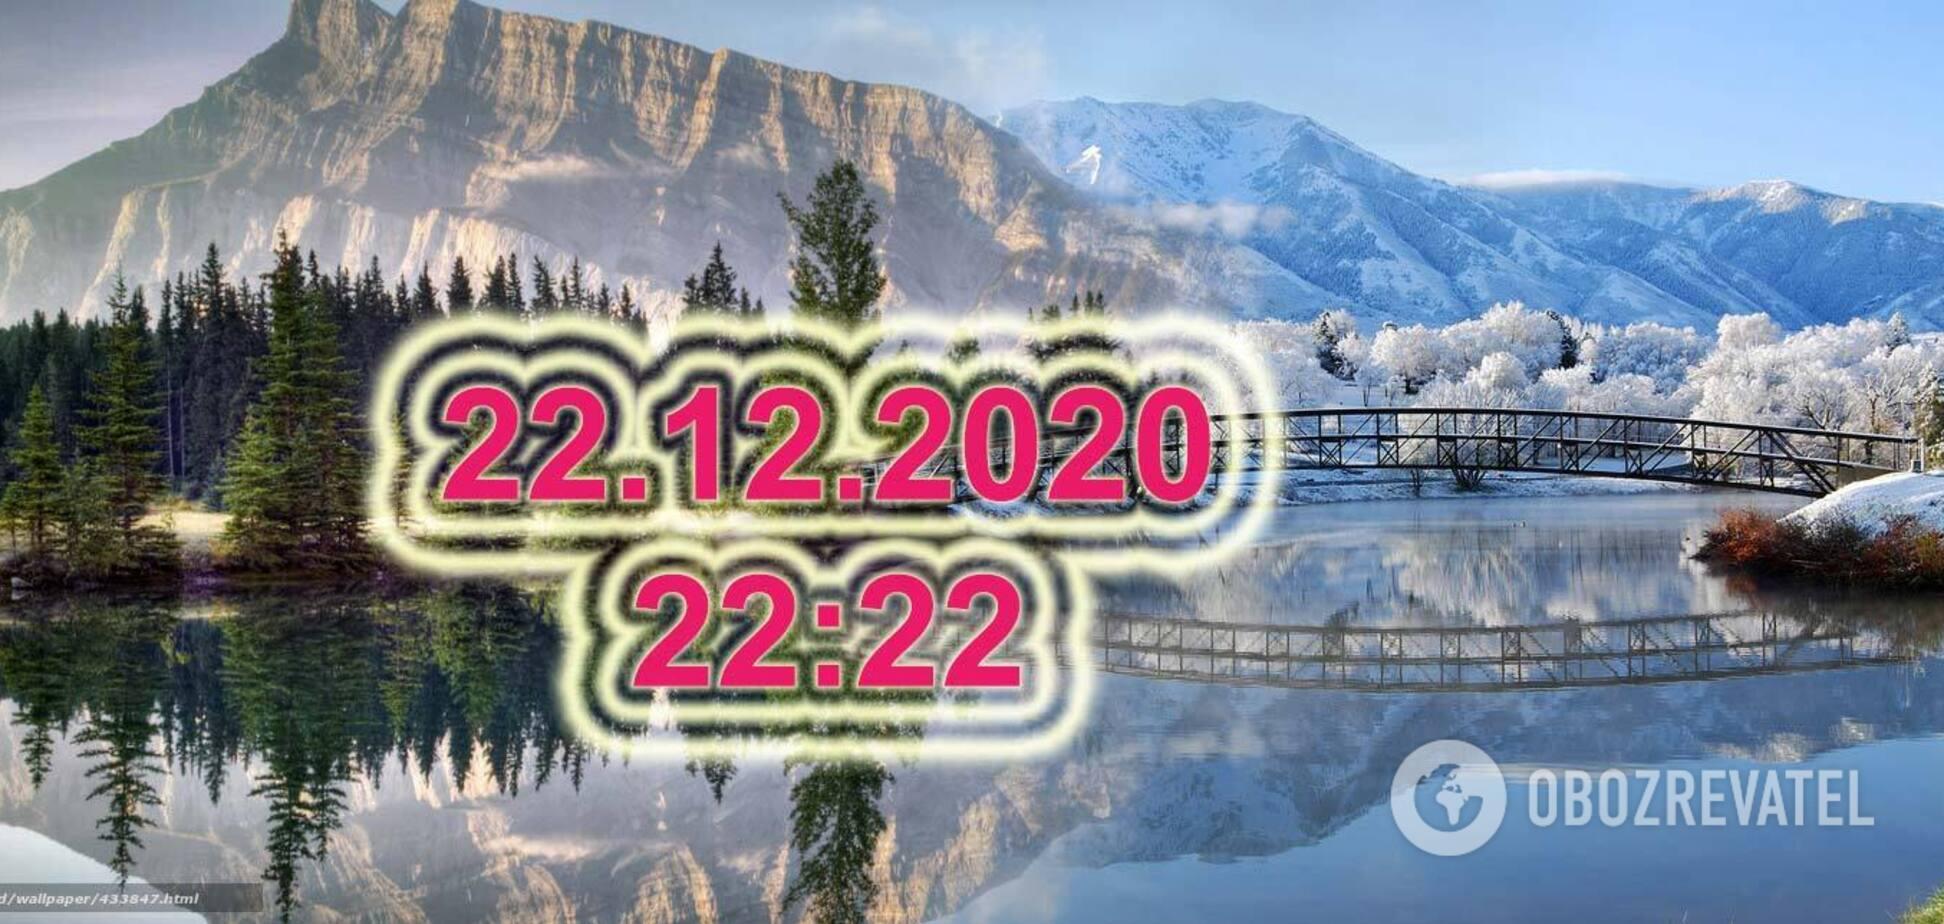 Вечером 22 декабря 2020 произойдет феномен, – нумеролог